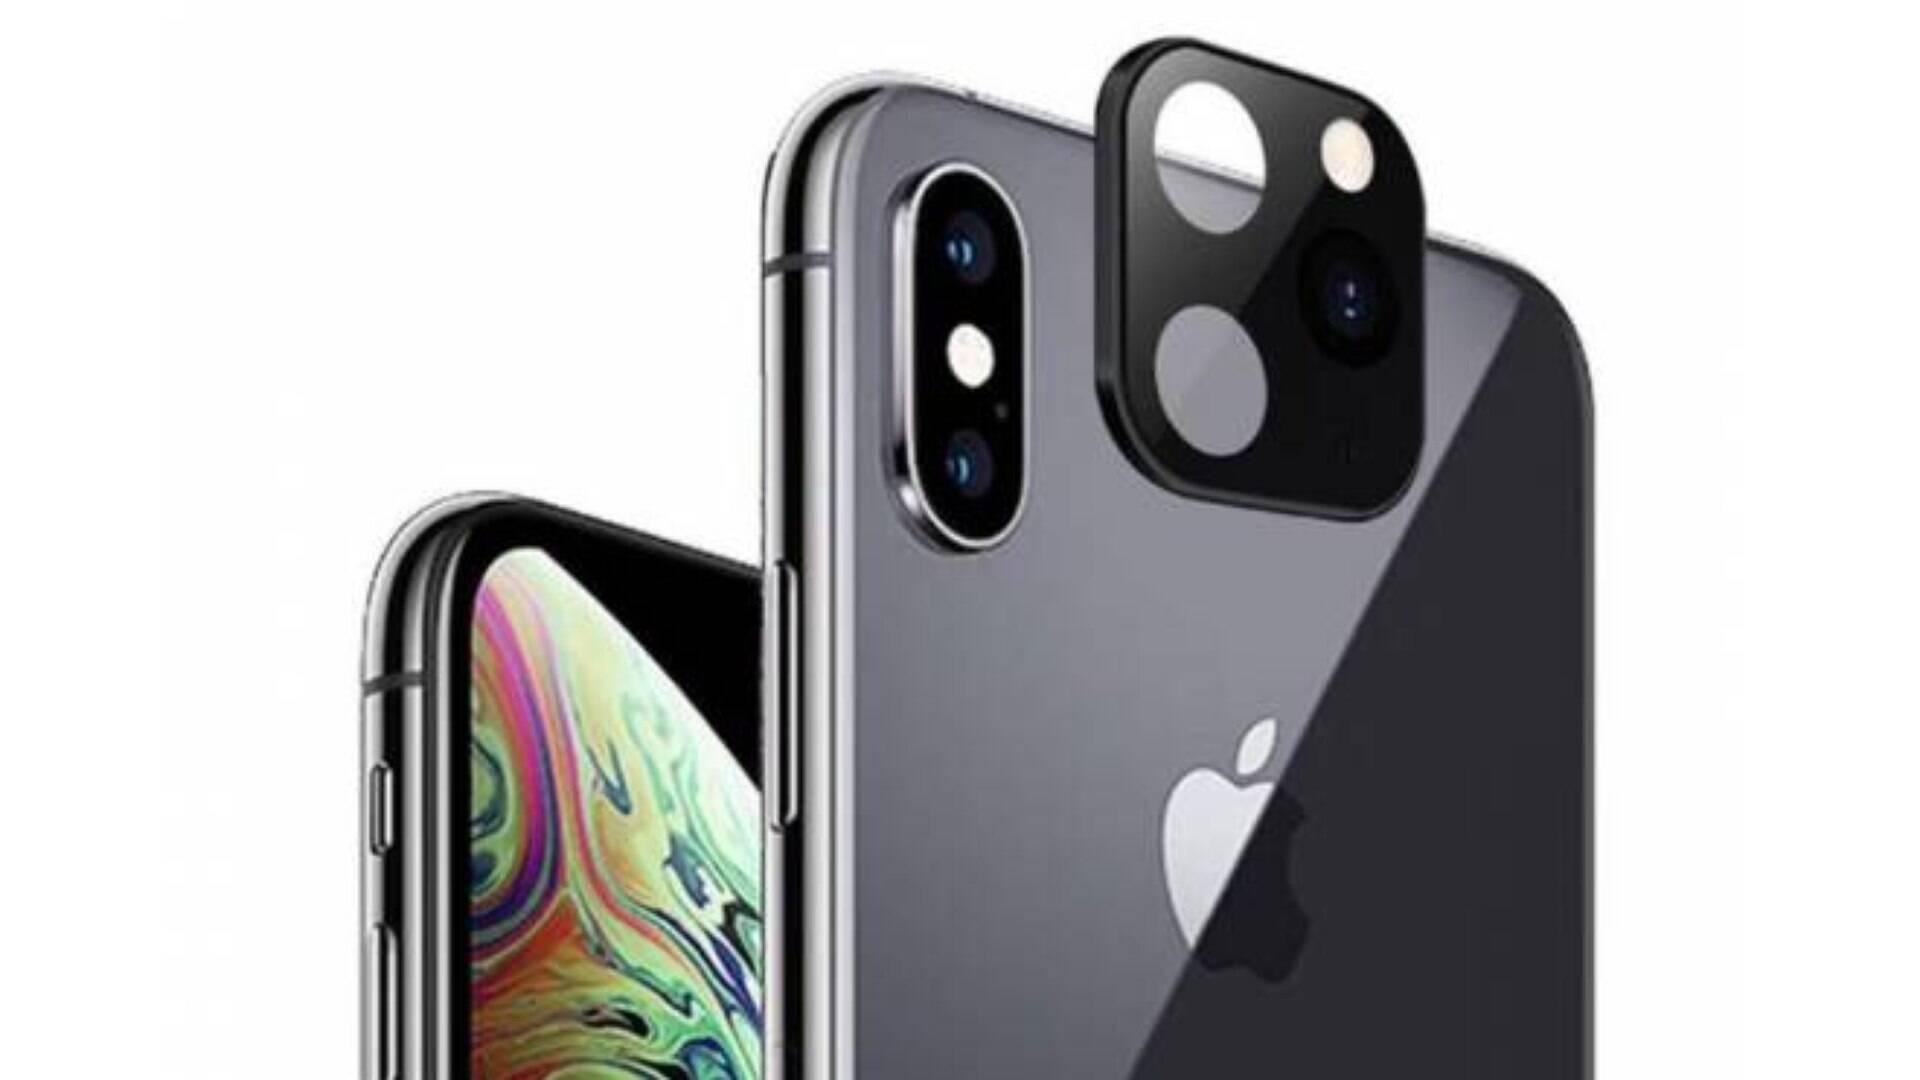 Produto de US$3 promete 'transformar' um iPhone antigo em